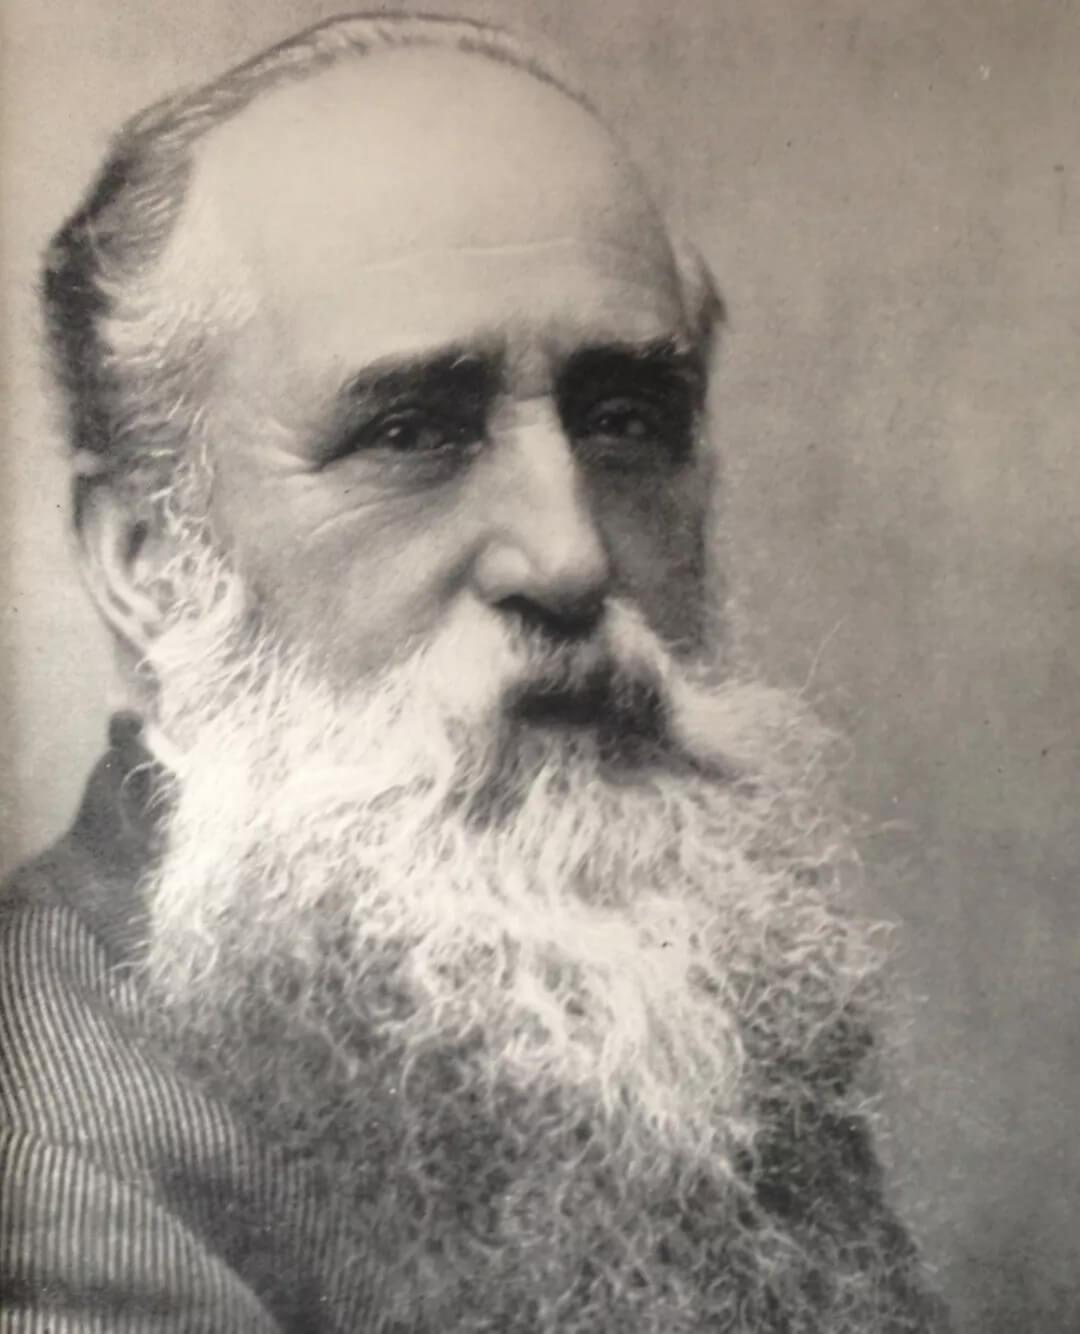 约瑟夫 · 哈德森